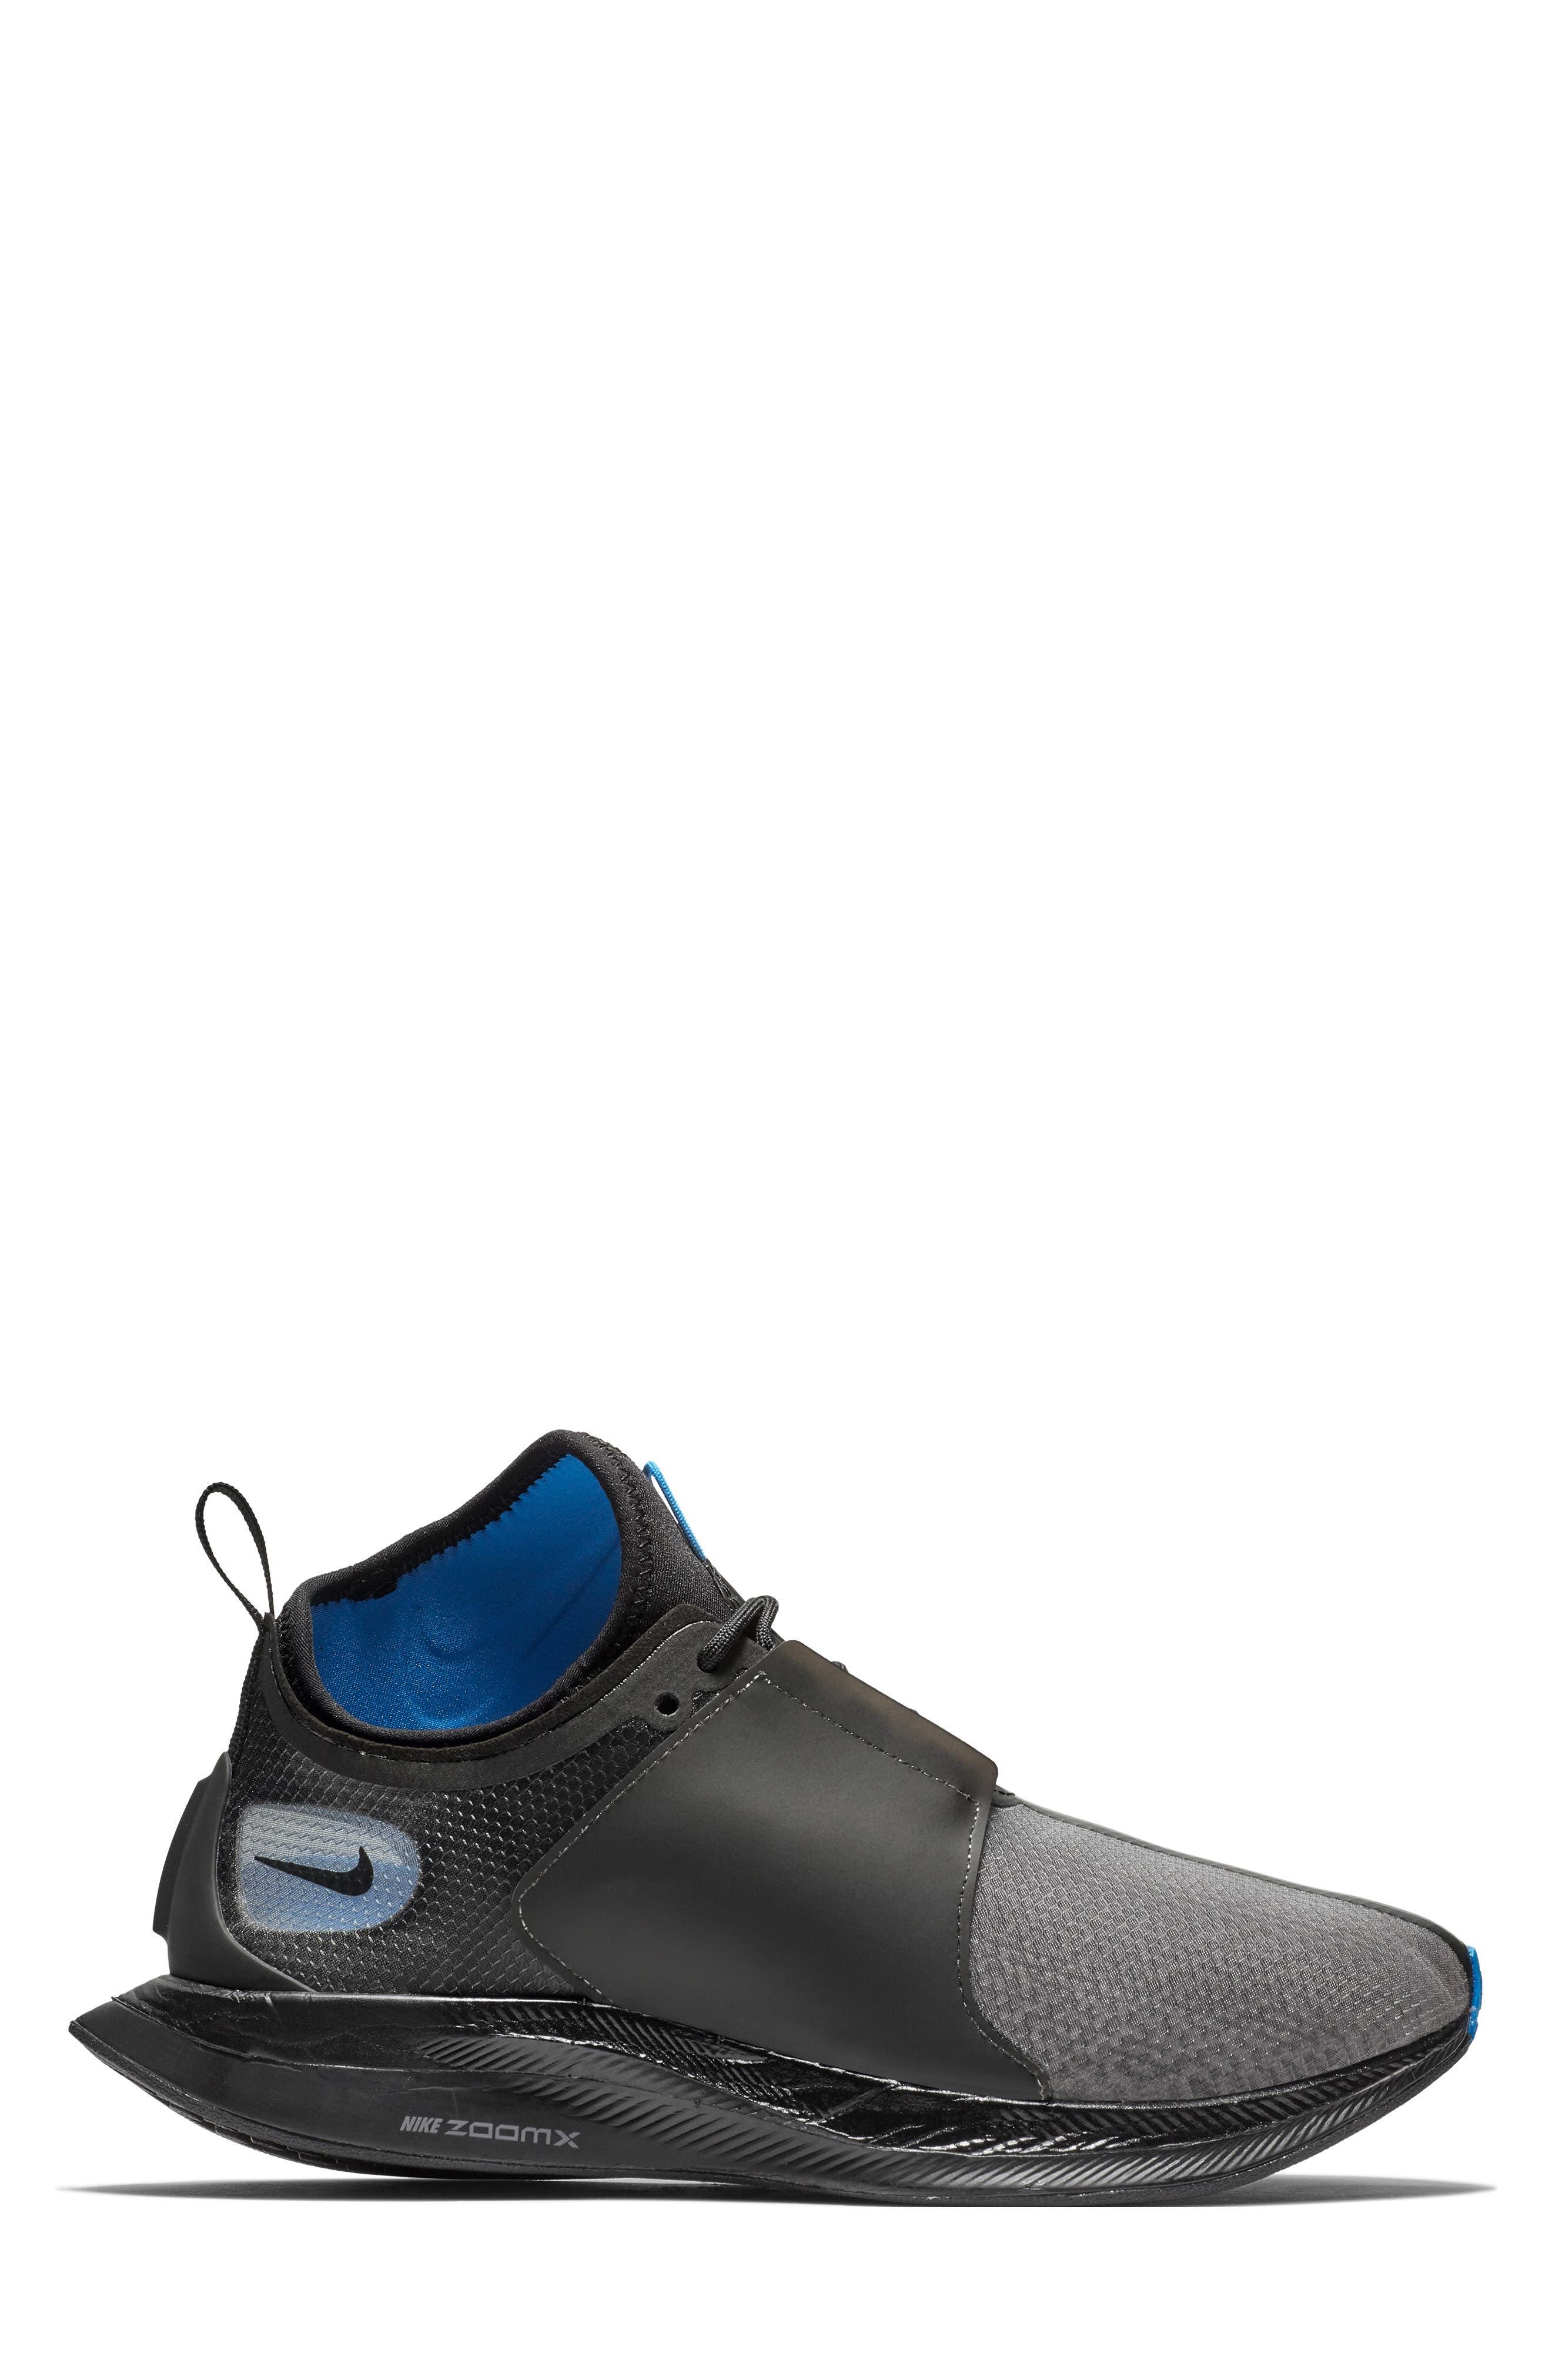 NIKE, Zoom Pegasus Turbo XX Running Shoe, Alternate thumbnail 3, color, 004